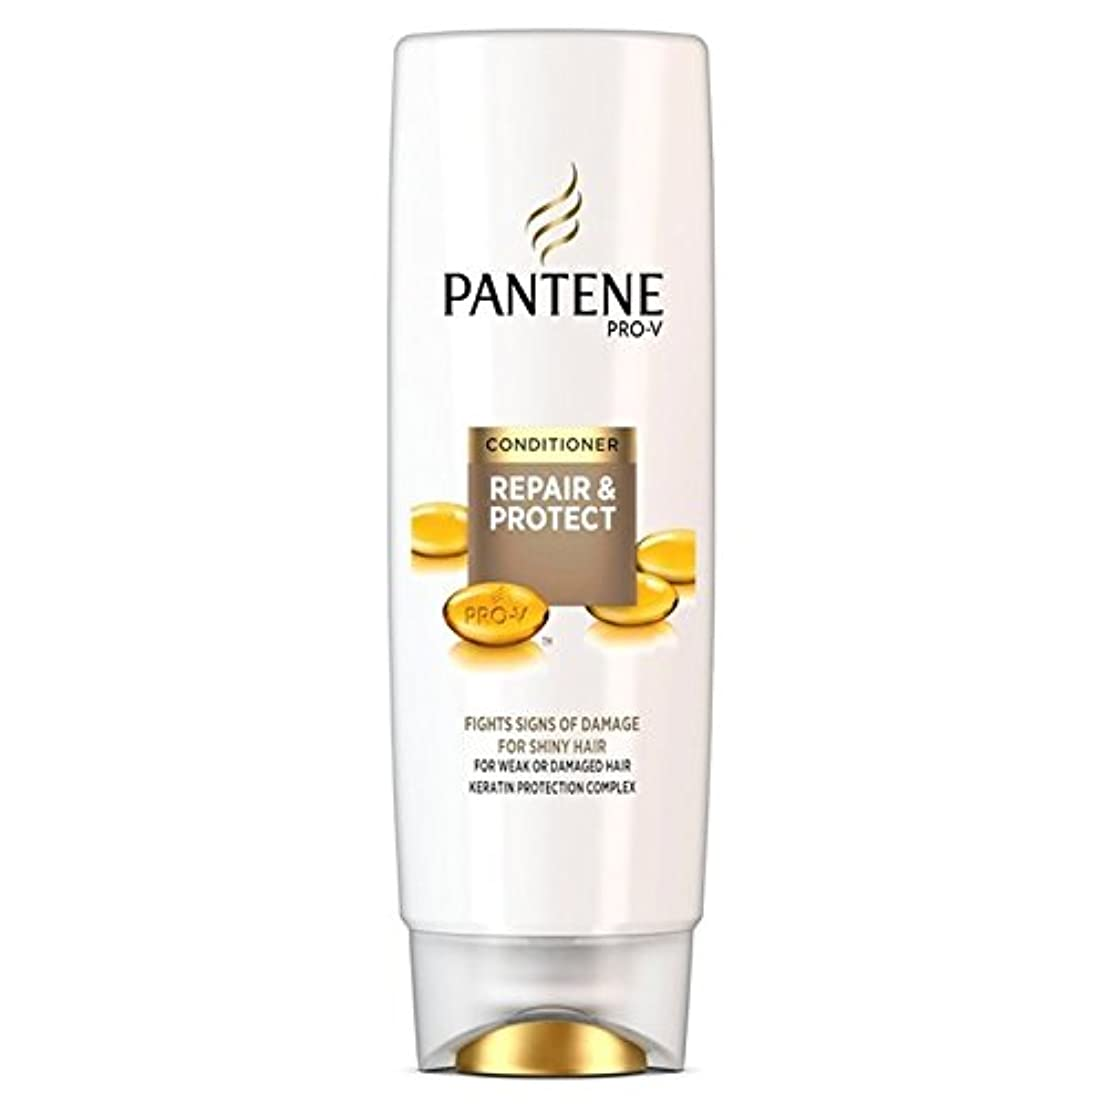 空港保守可能キリンパンテーンコンディショナーの修理&弱いか、傷んだ髪の250ミリリットルのための保護 x4 - Pantene Conditioner Repair & Protect For Weak Or Damaged Hair 250ml...